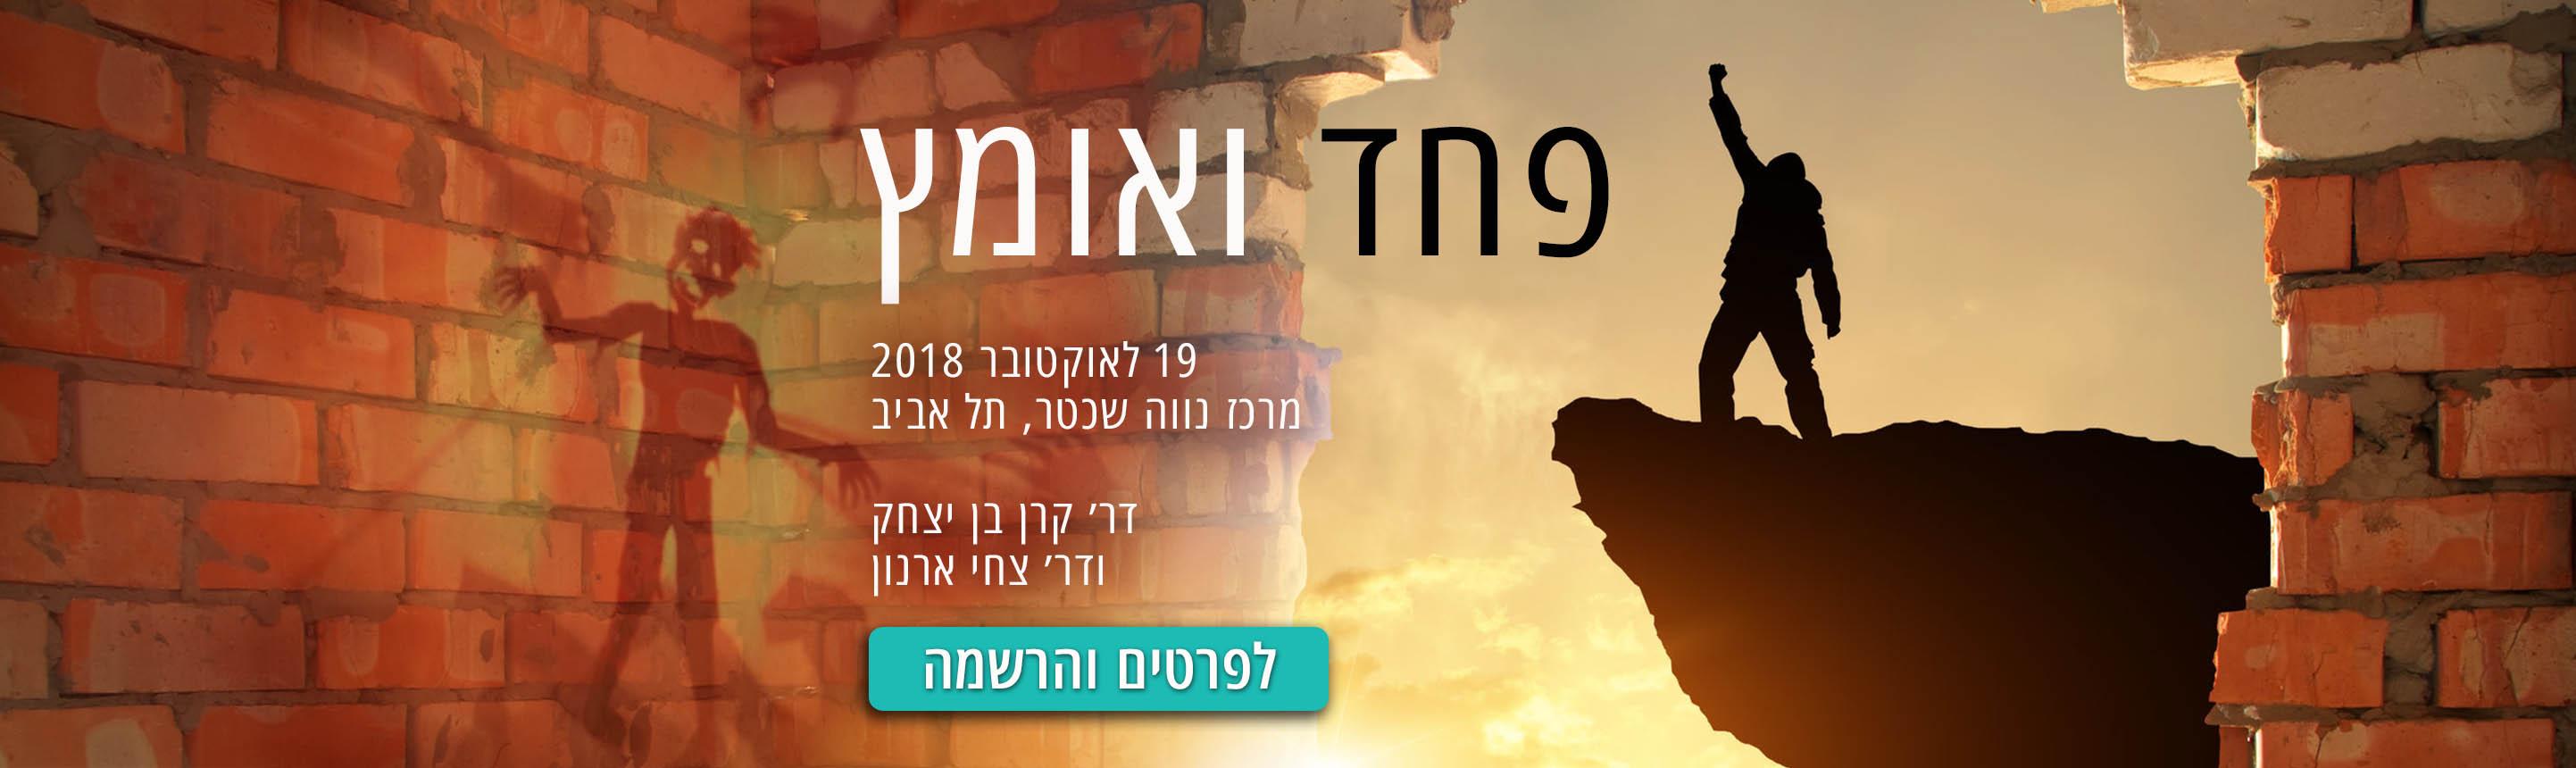 פחד ואומץ דר' קרן בן יצחק ודר צחי ארנון 19 לאוקטובר 2018